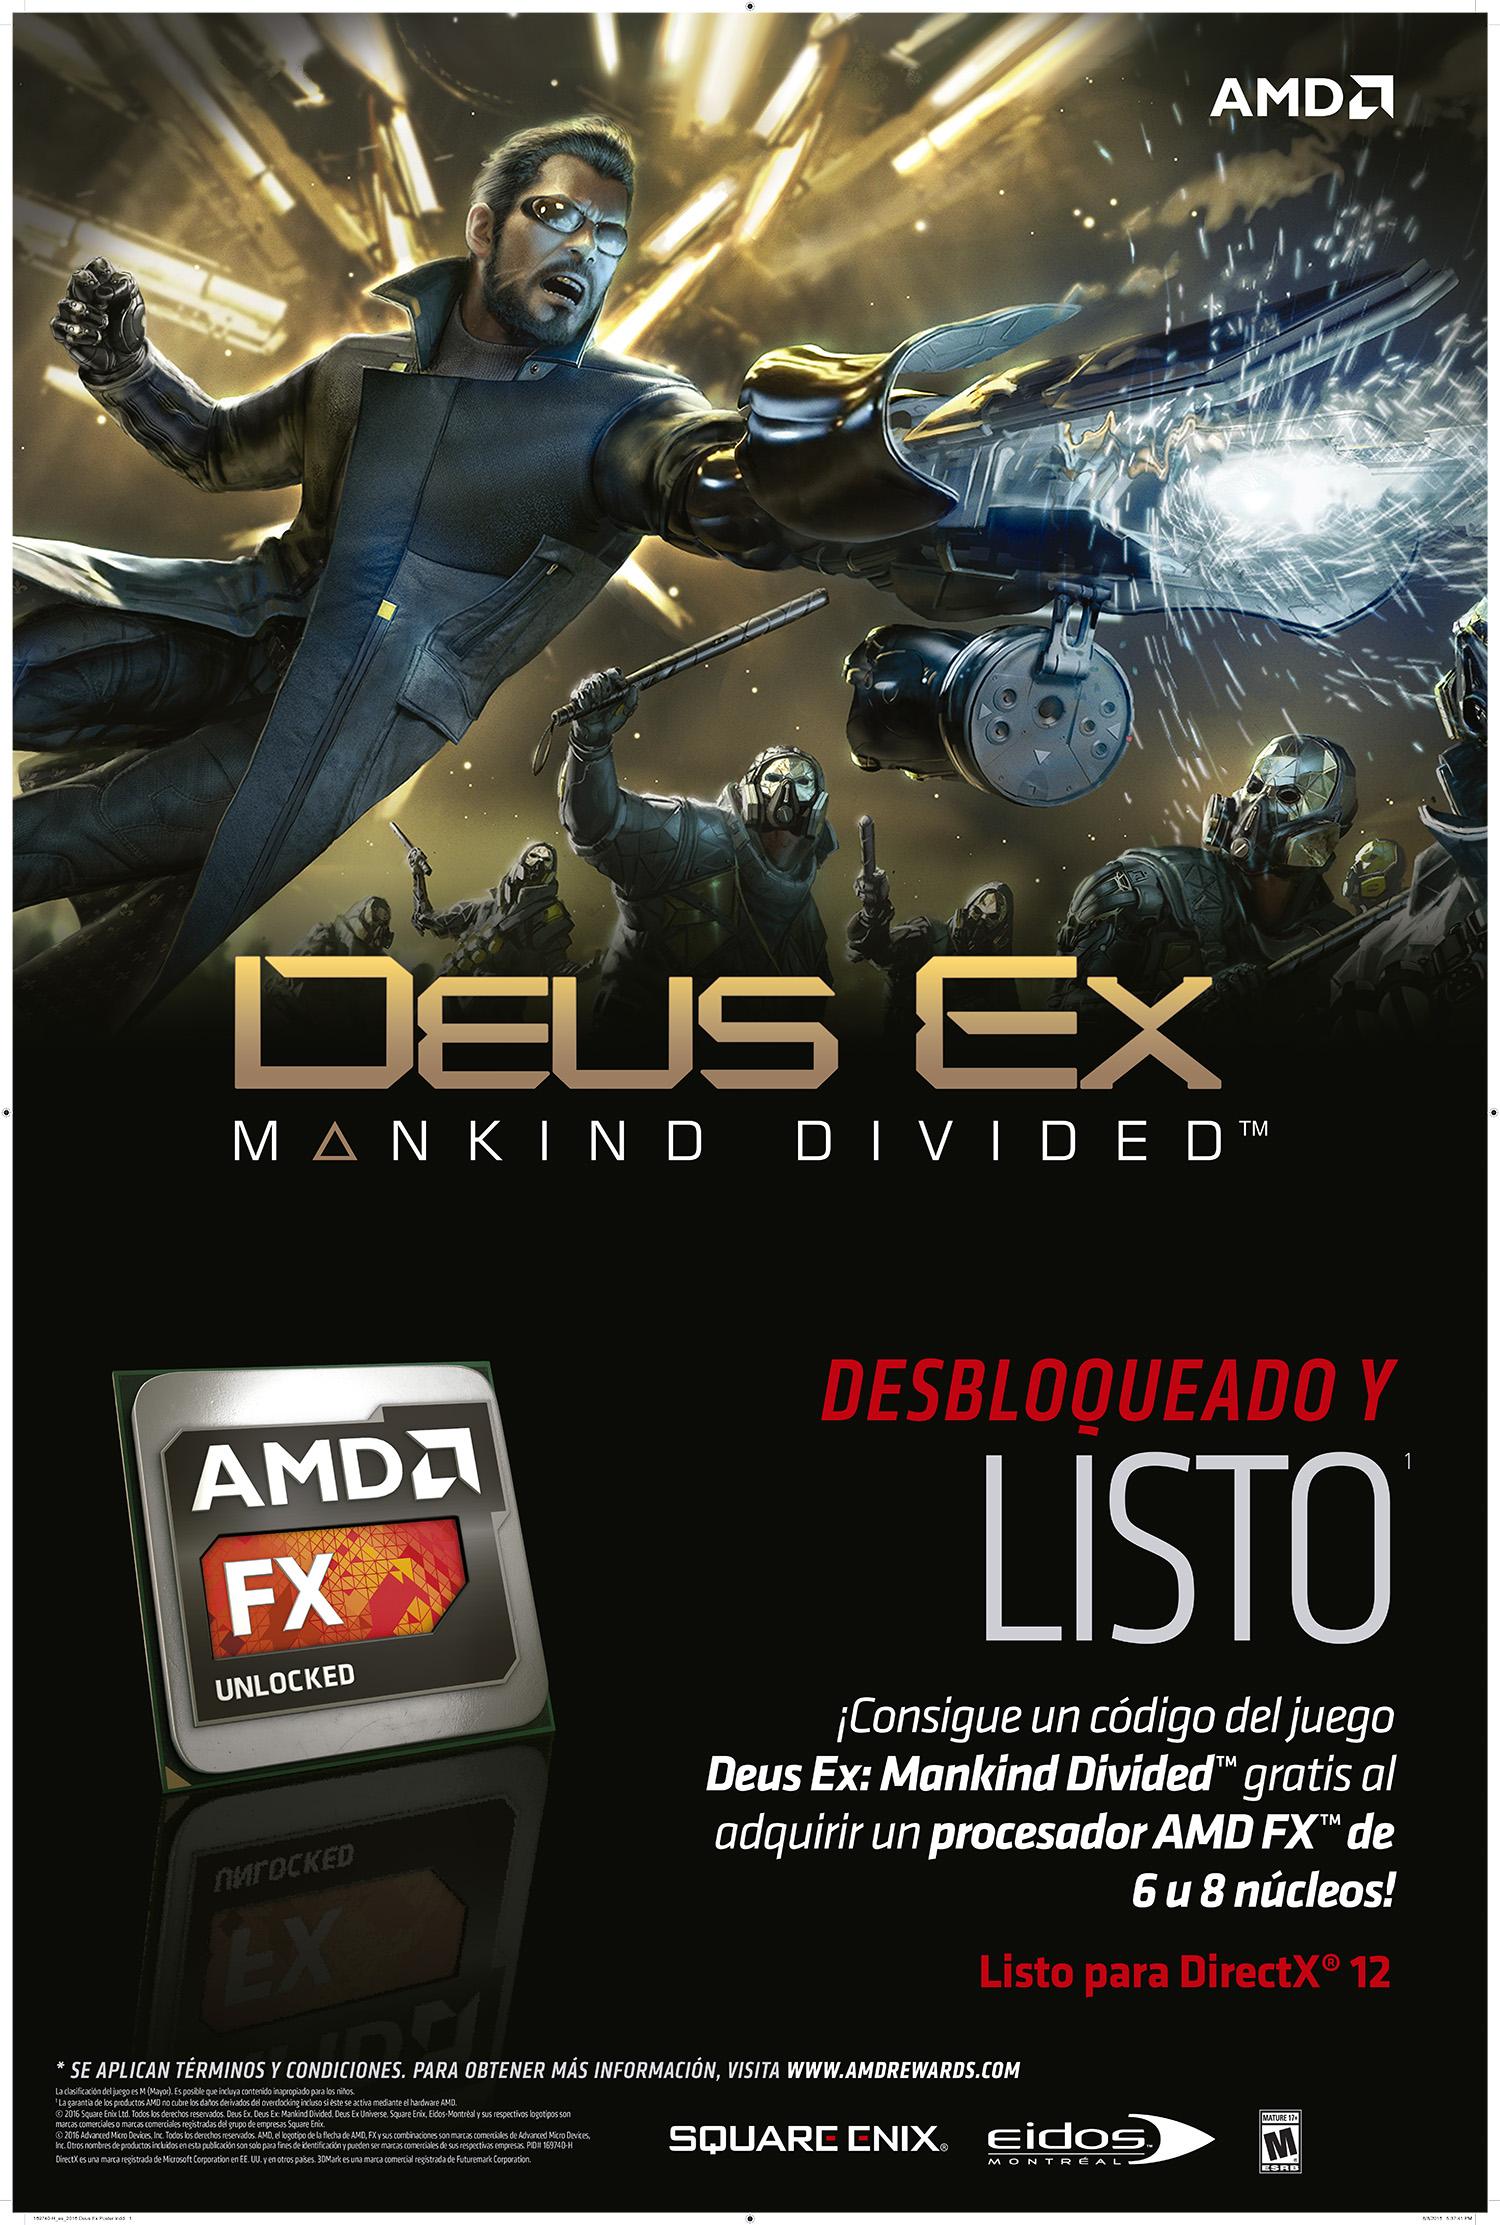 Deus Ex Mankind Divided - AMD